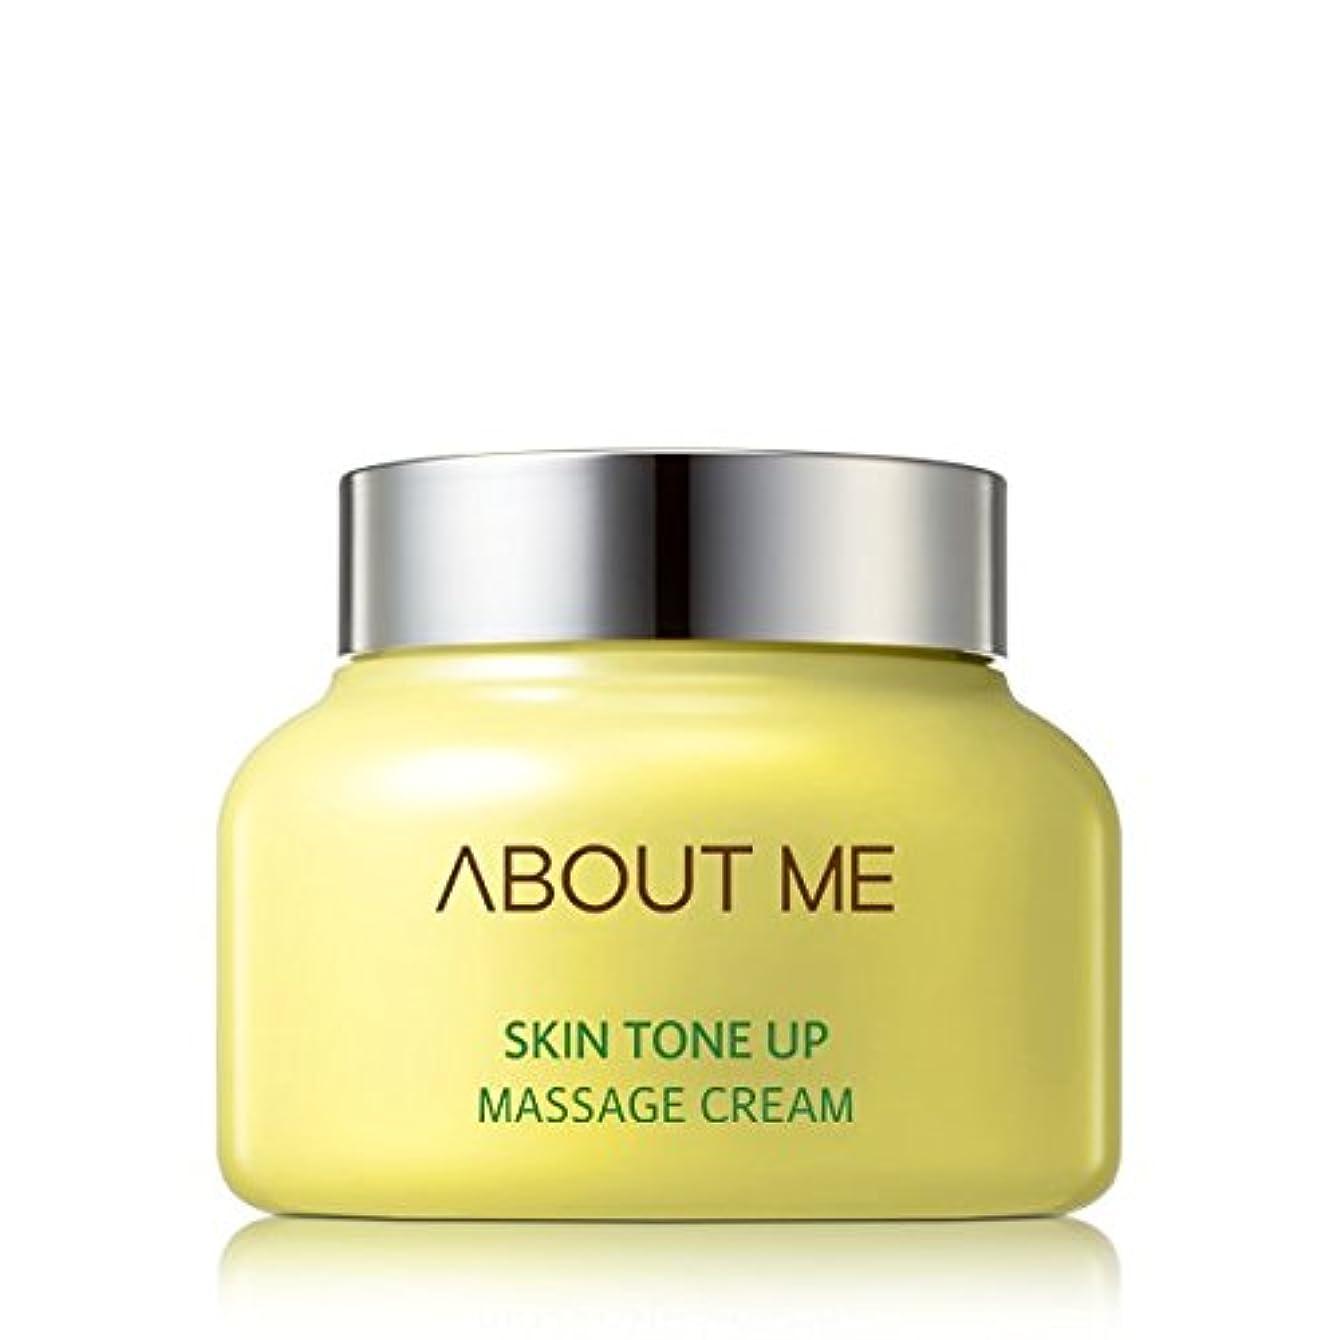 連続した無数の原因[Renewal] ABOUT ME Skin Tone Up Massage Cream 150ml/アバウトミー スキン トーン アップ マッサージ クリーム 150ml [並行輸入品]